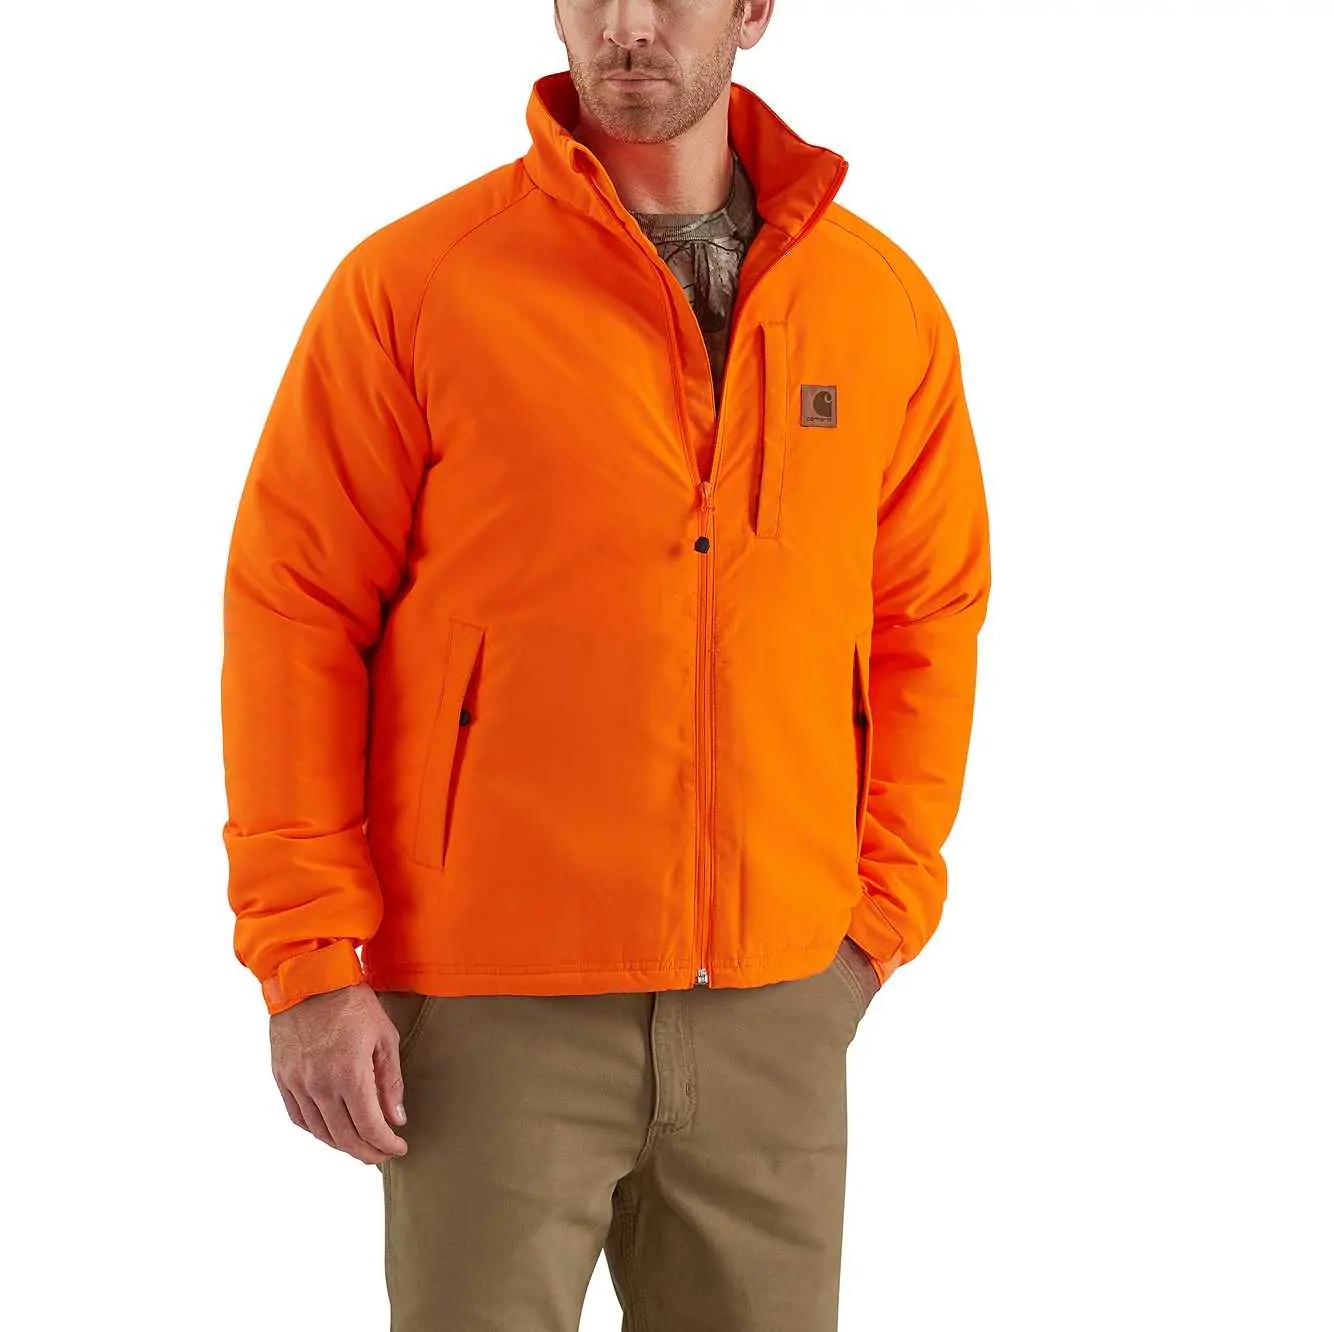 102699 Carhartt 8 Point Jacket - Orange